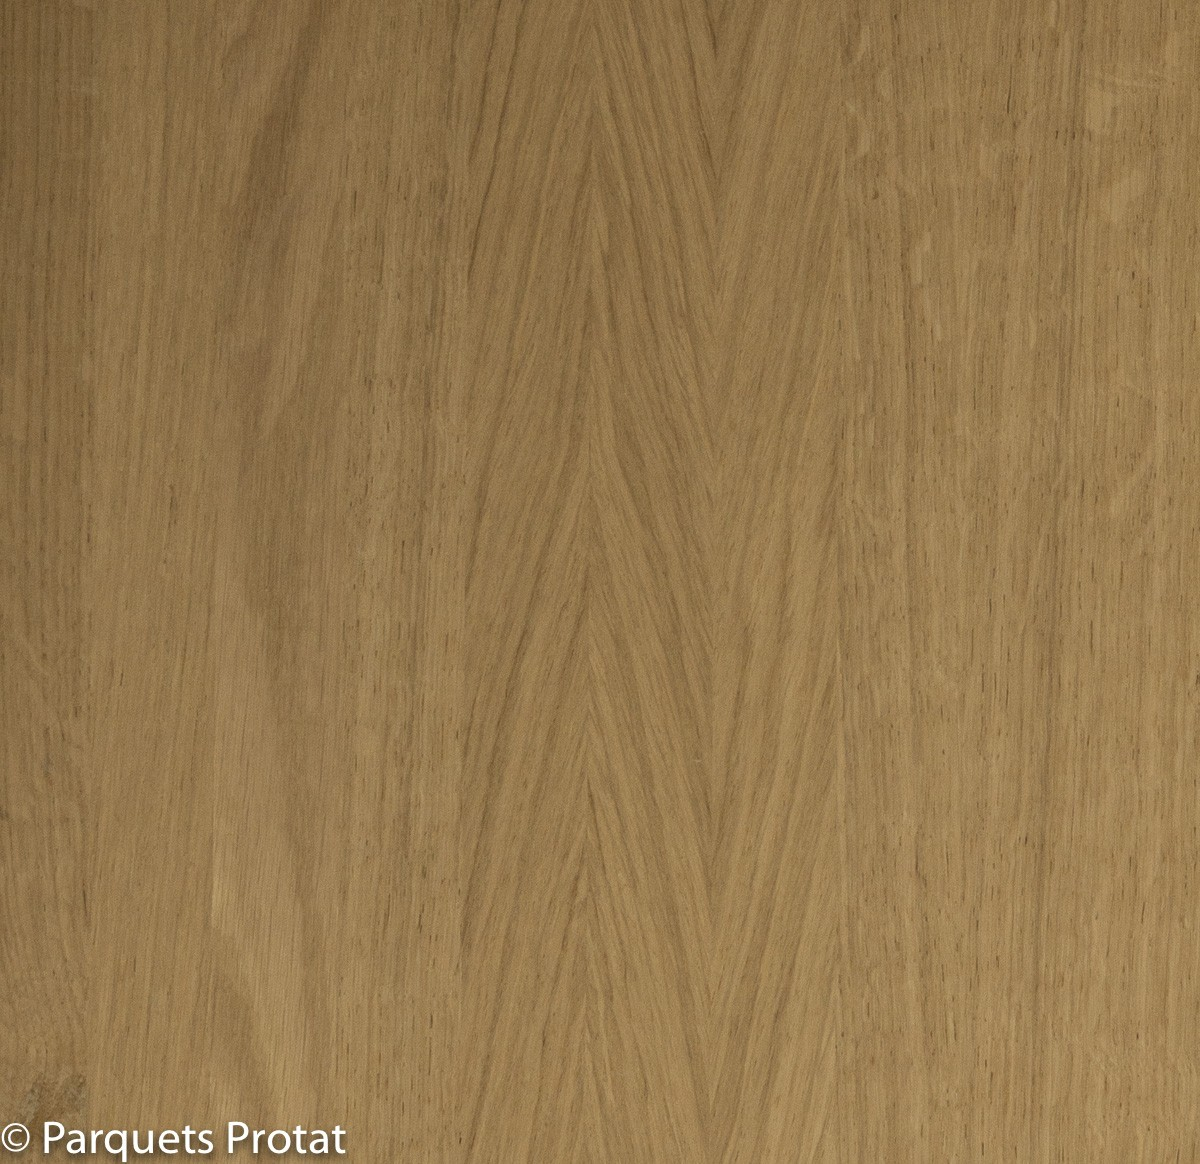 parquet chene renodal parquets protat With parquets protat